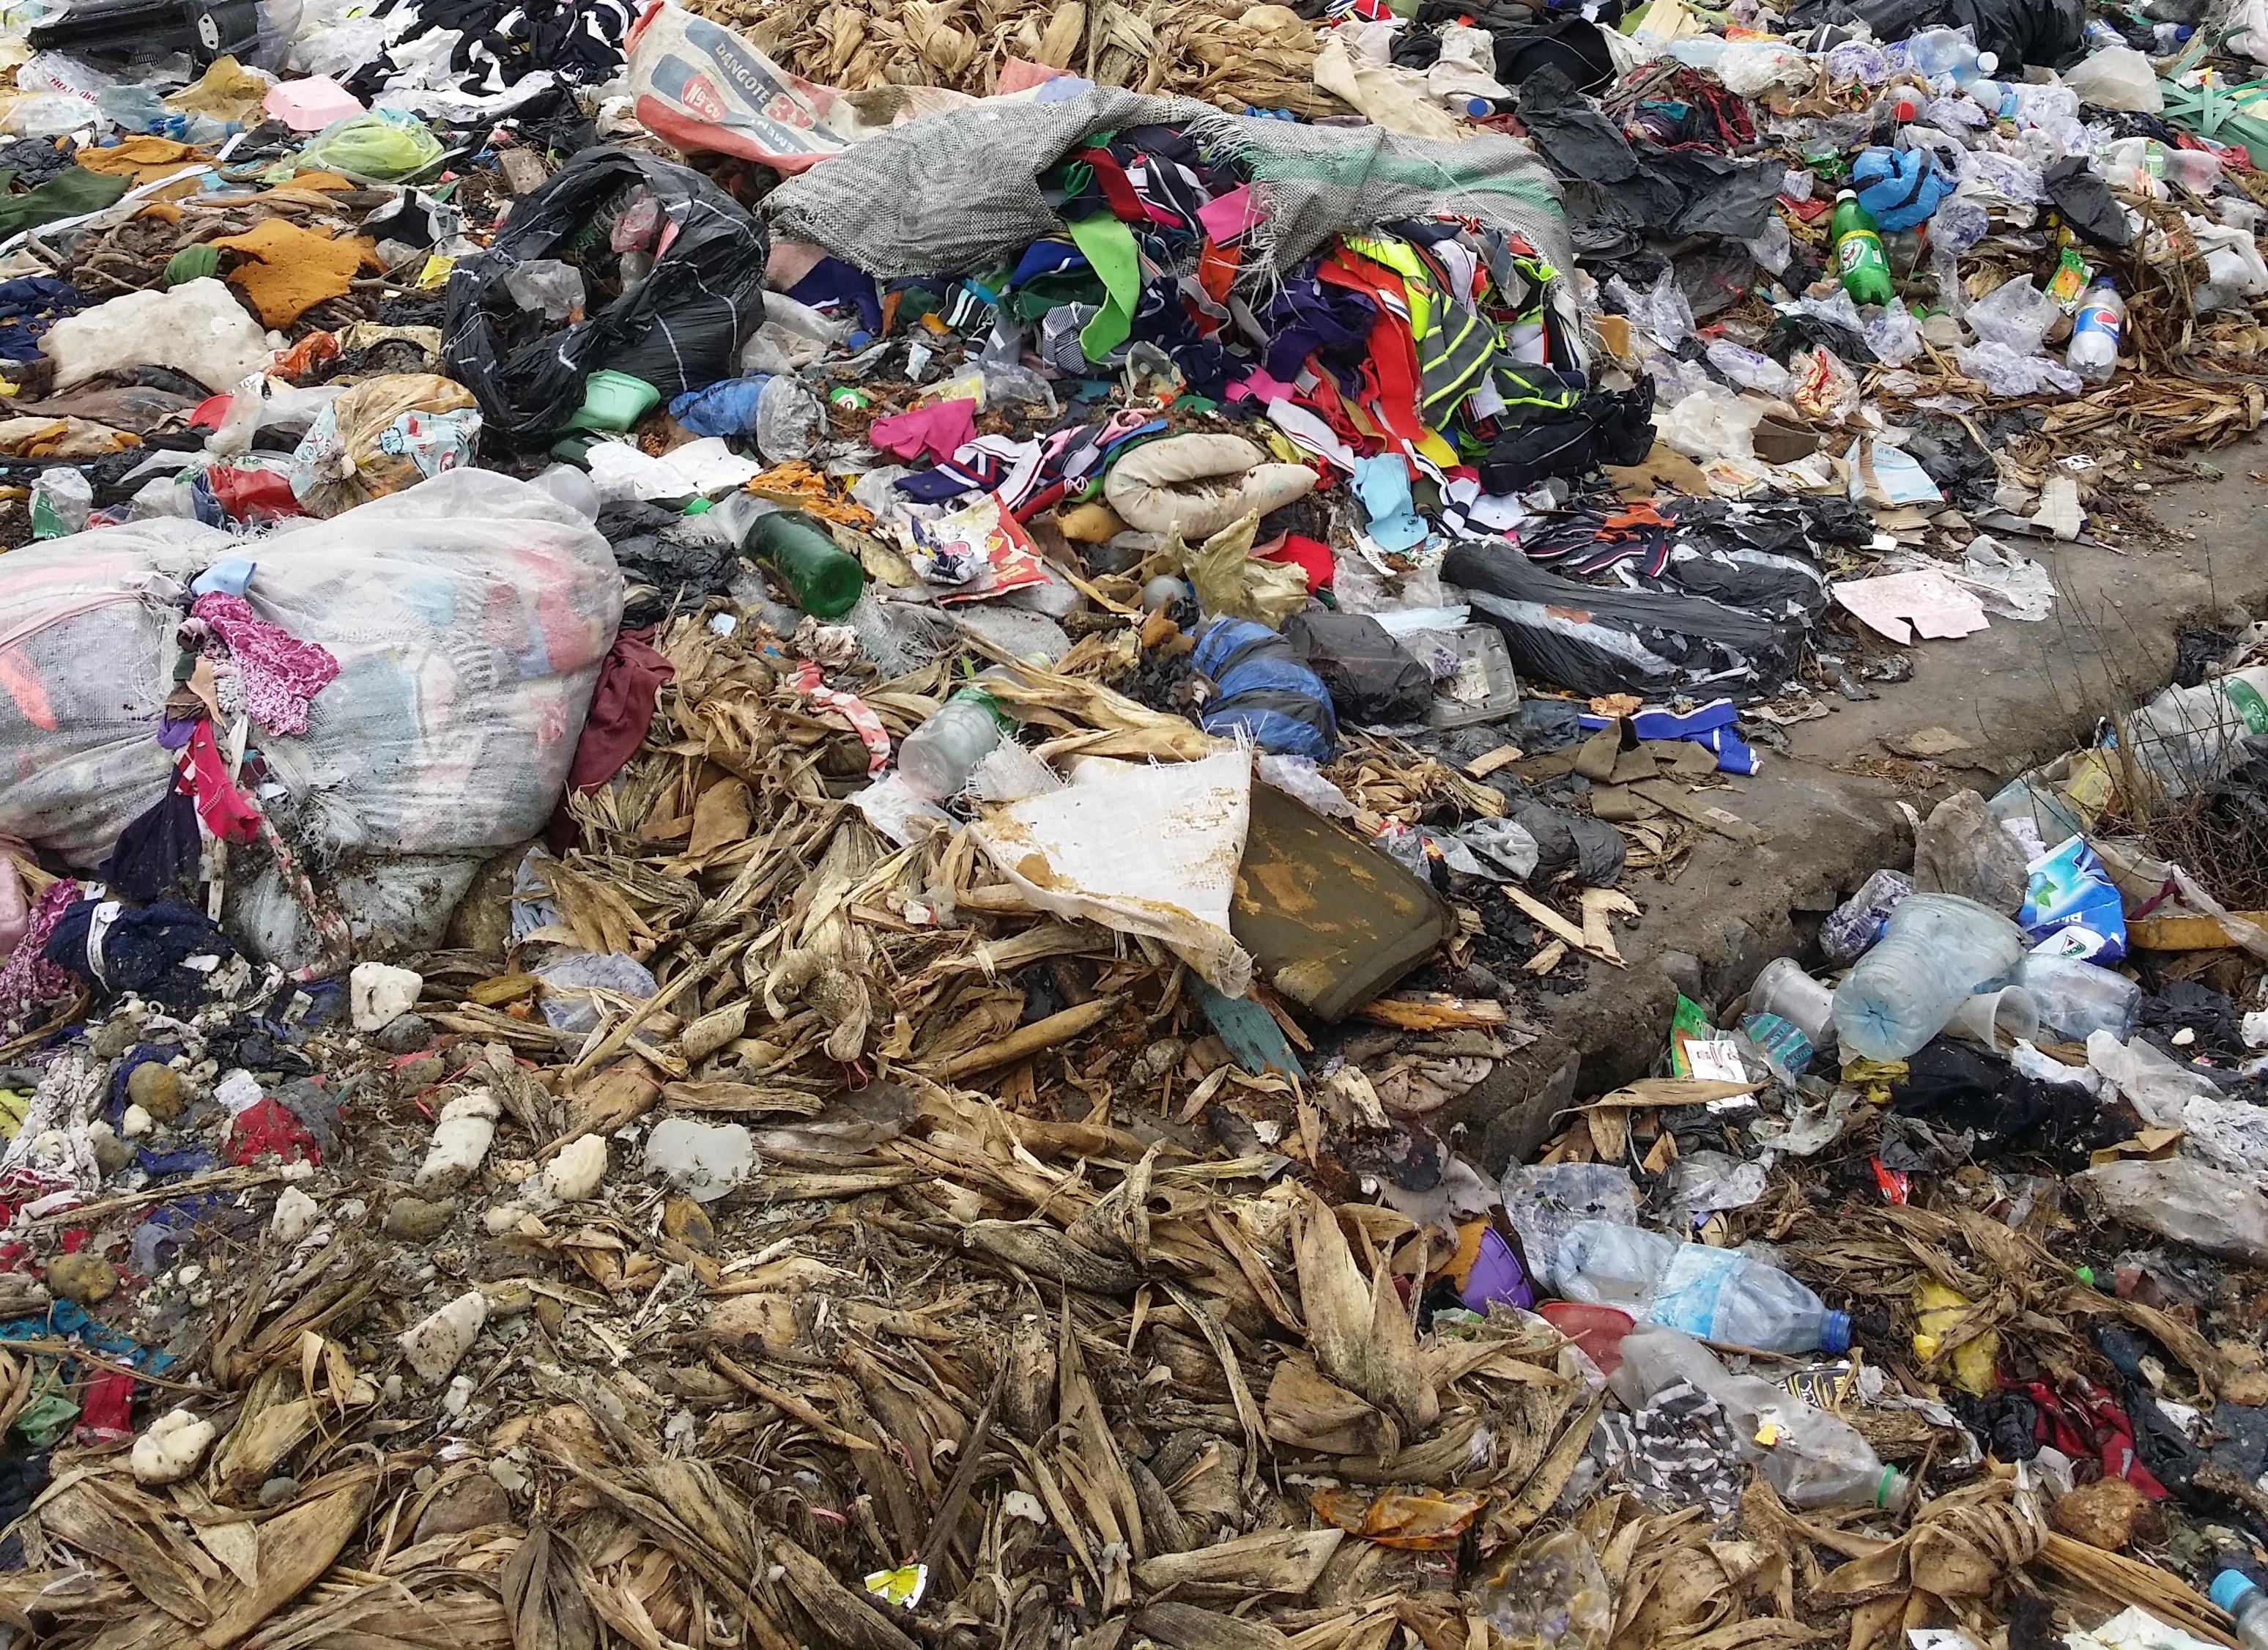 L'environnement est pollué par les déchets de plastique.